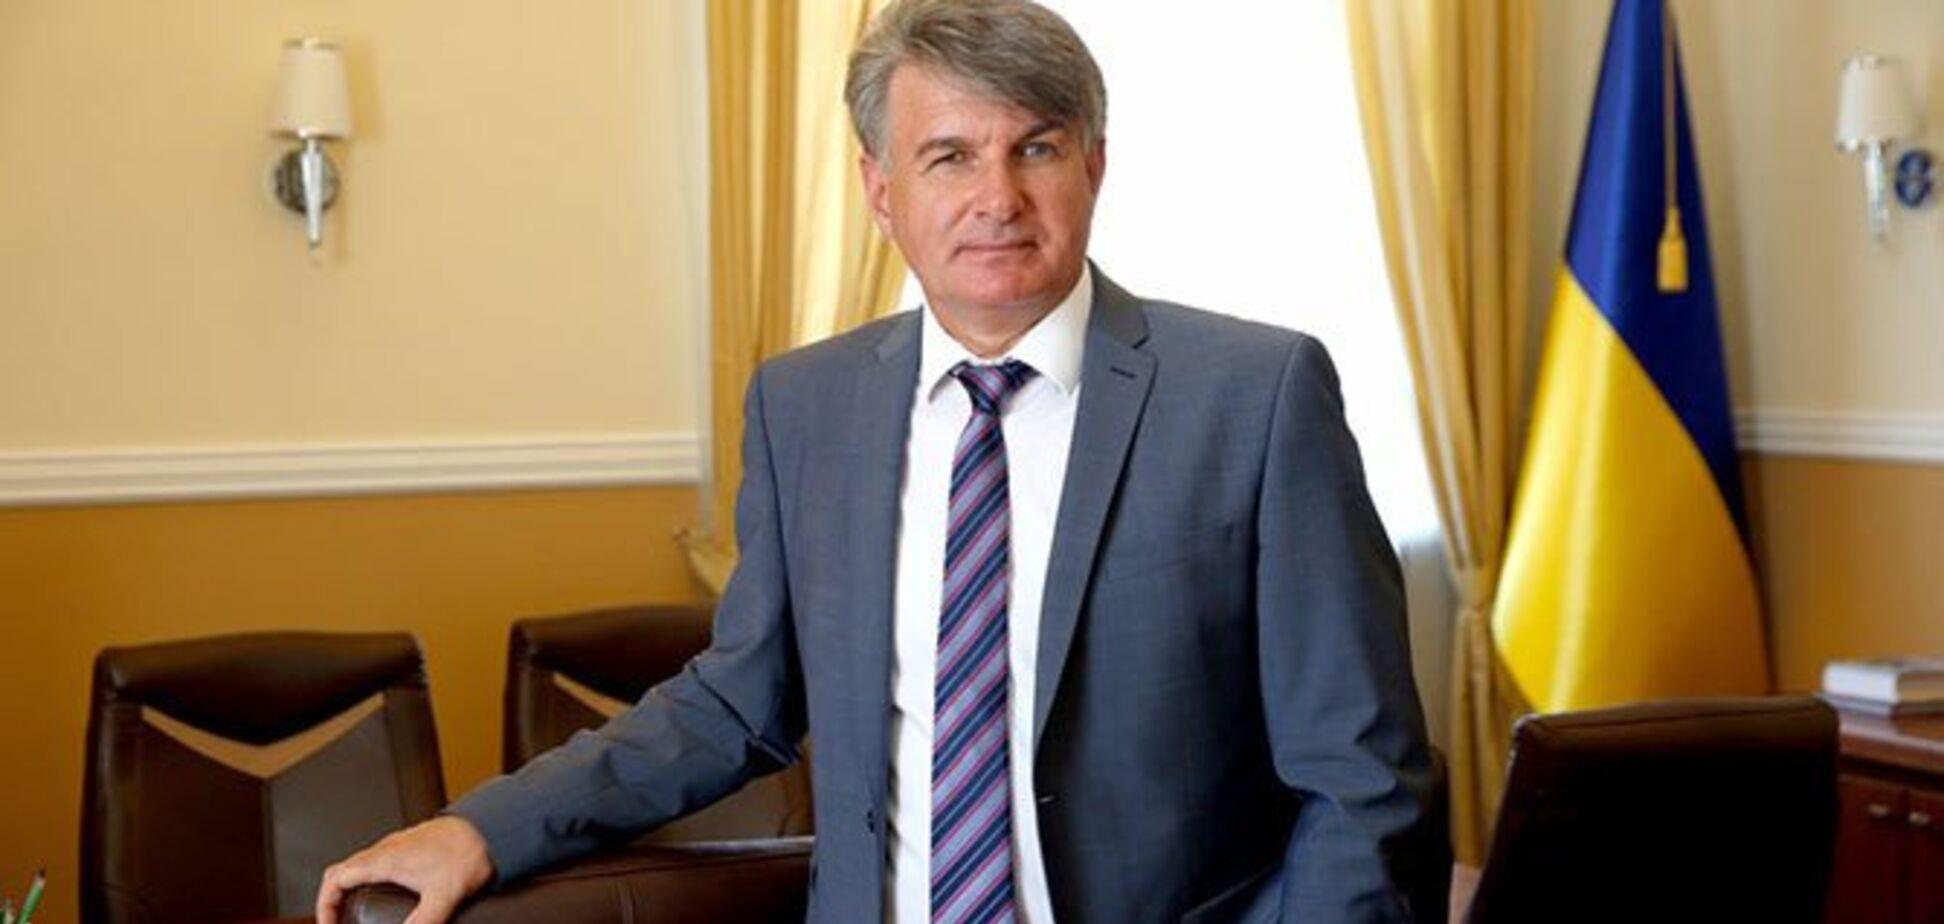 Швеція допоможе Україні у геологічній реформі — Кирилюк